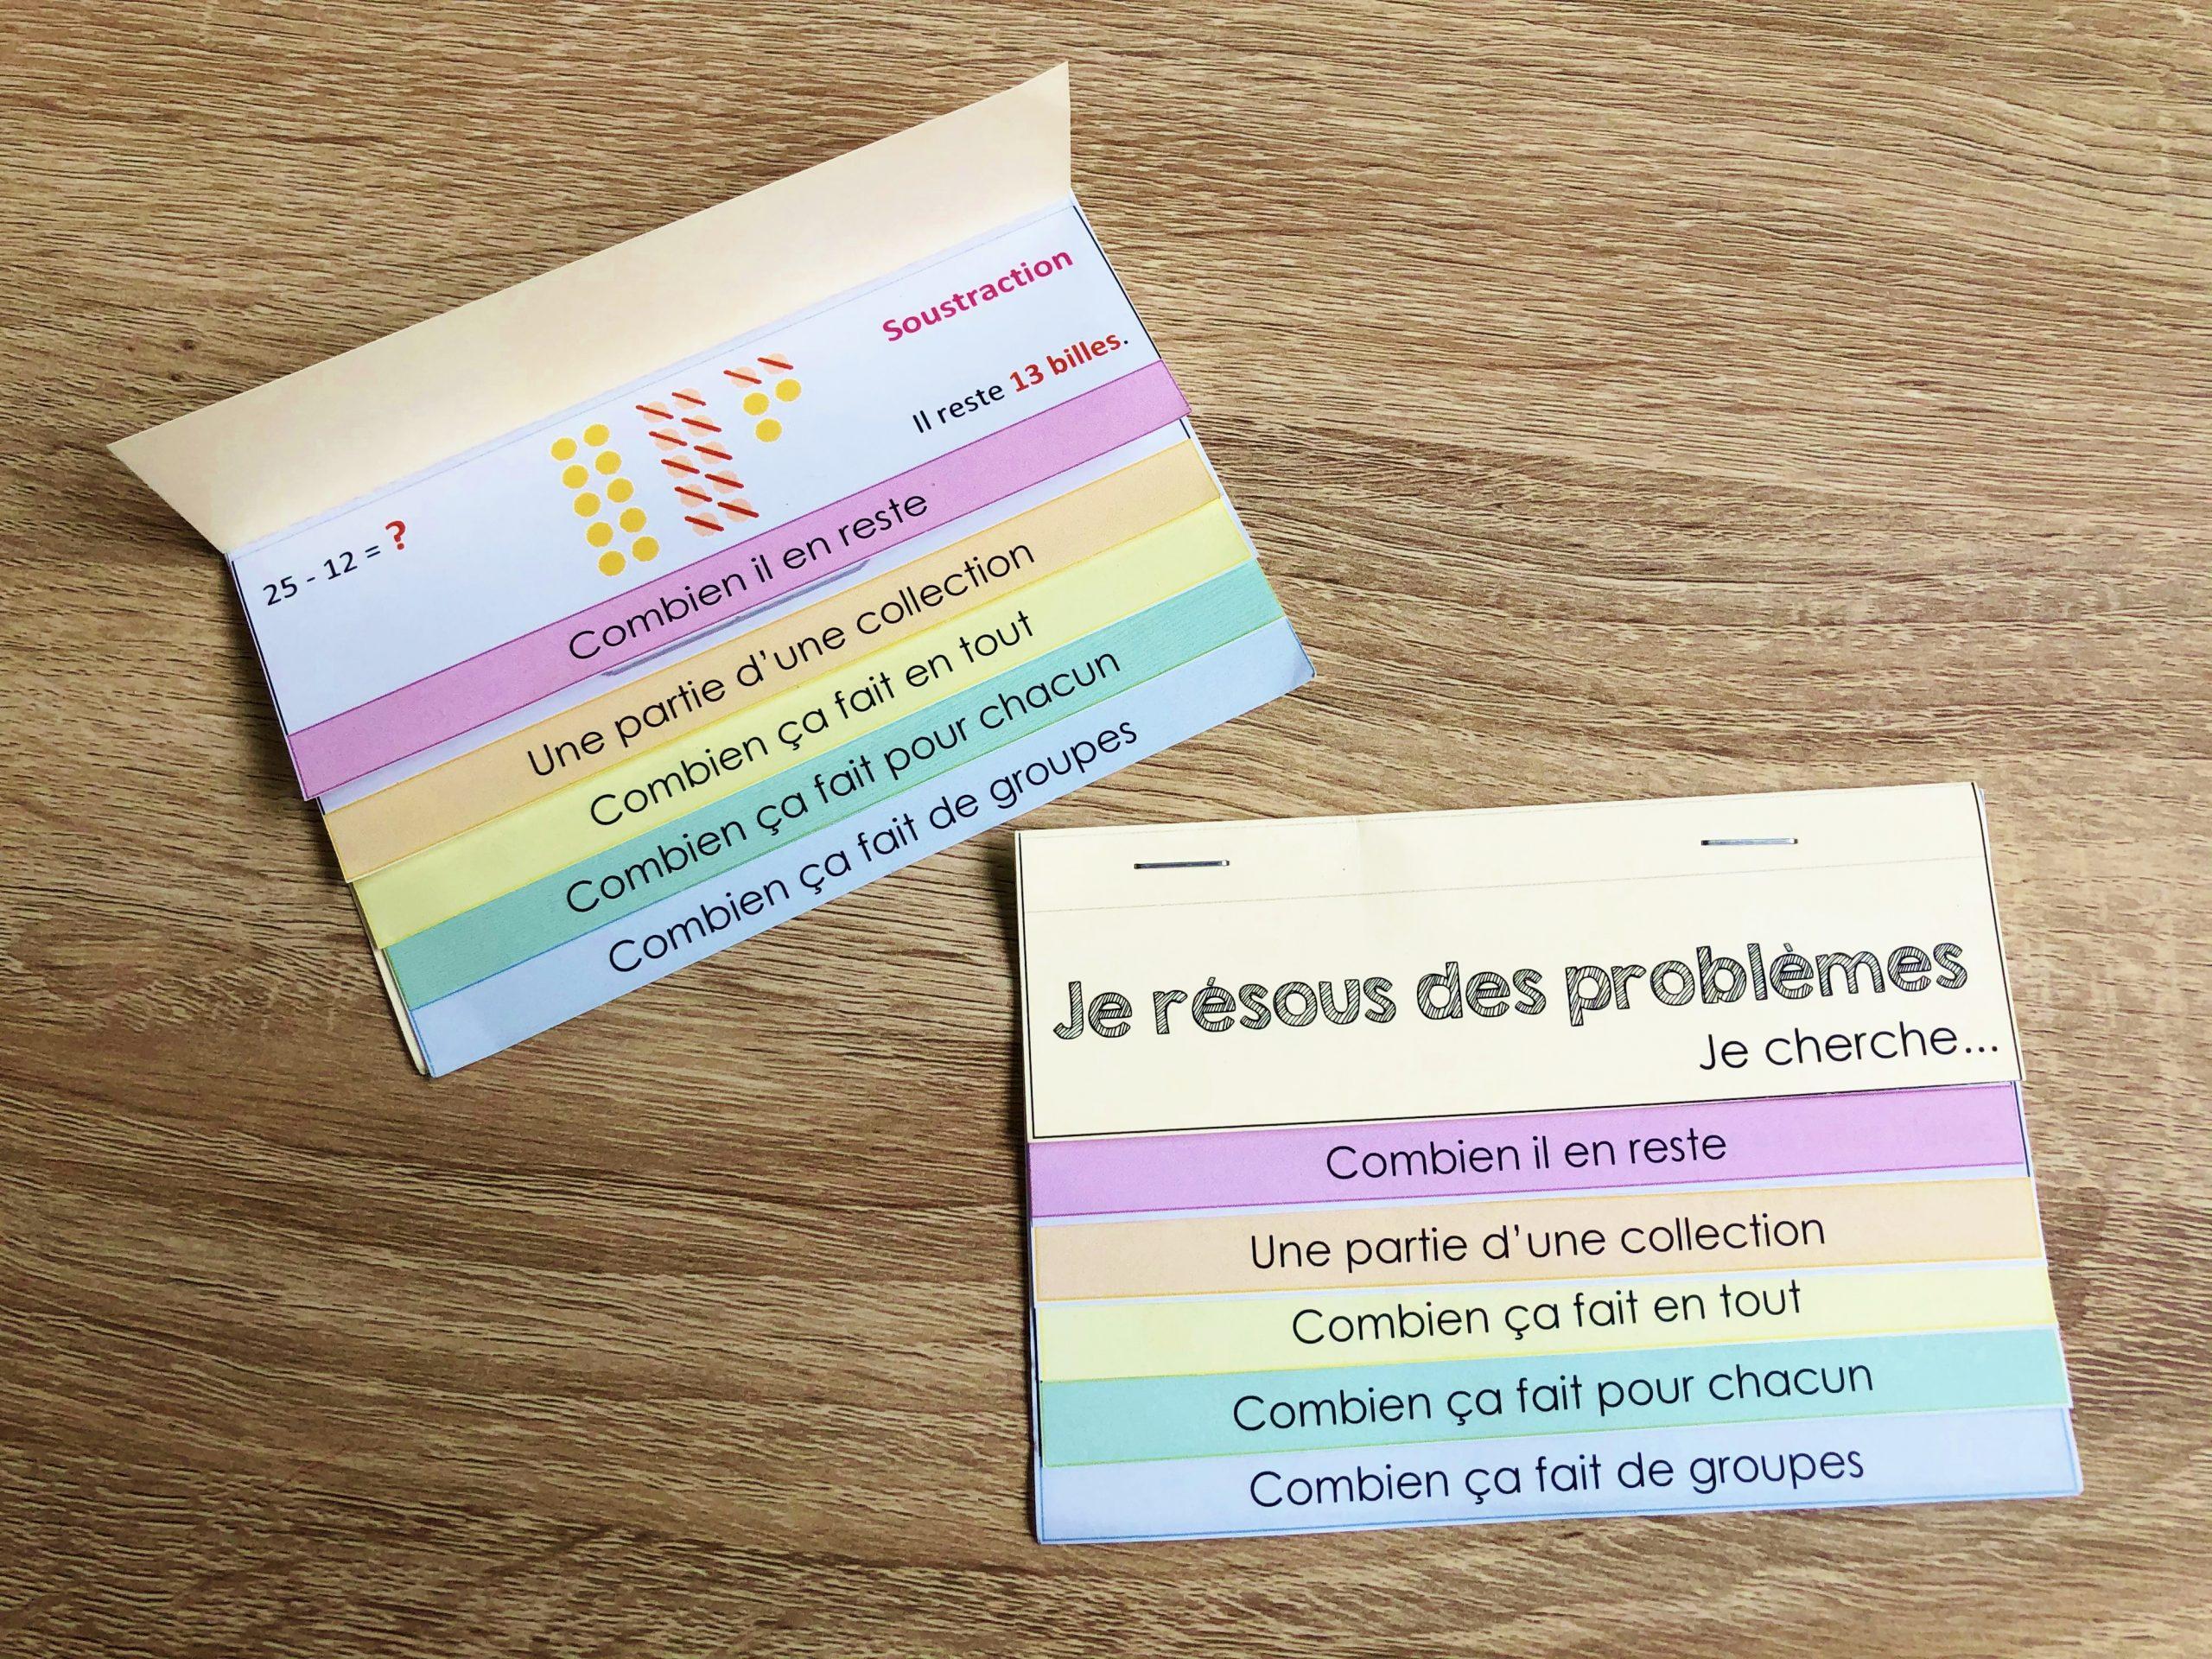 Outil élève : Un guide pour résoudre des problèmes !